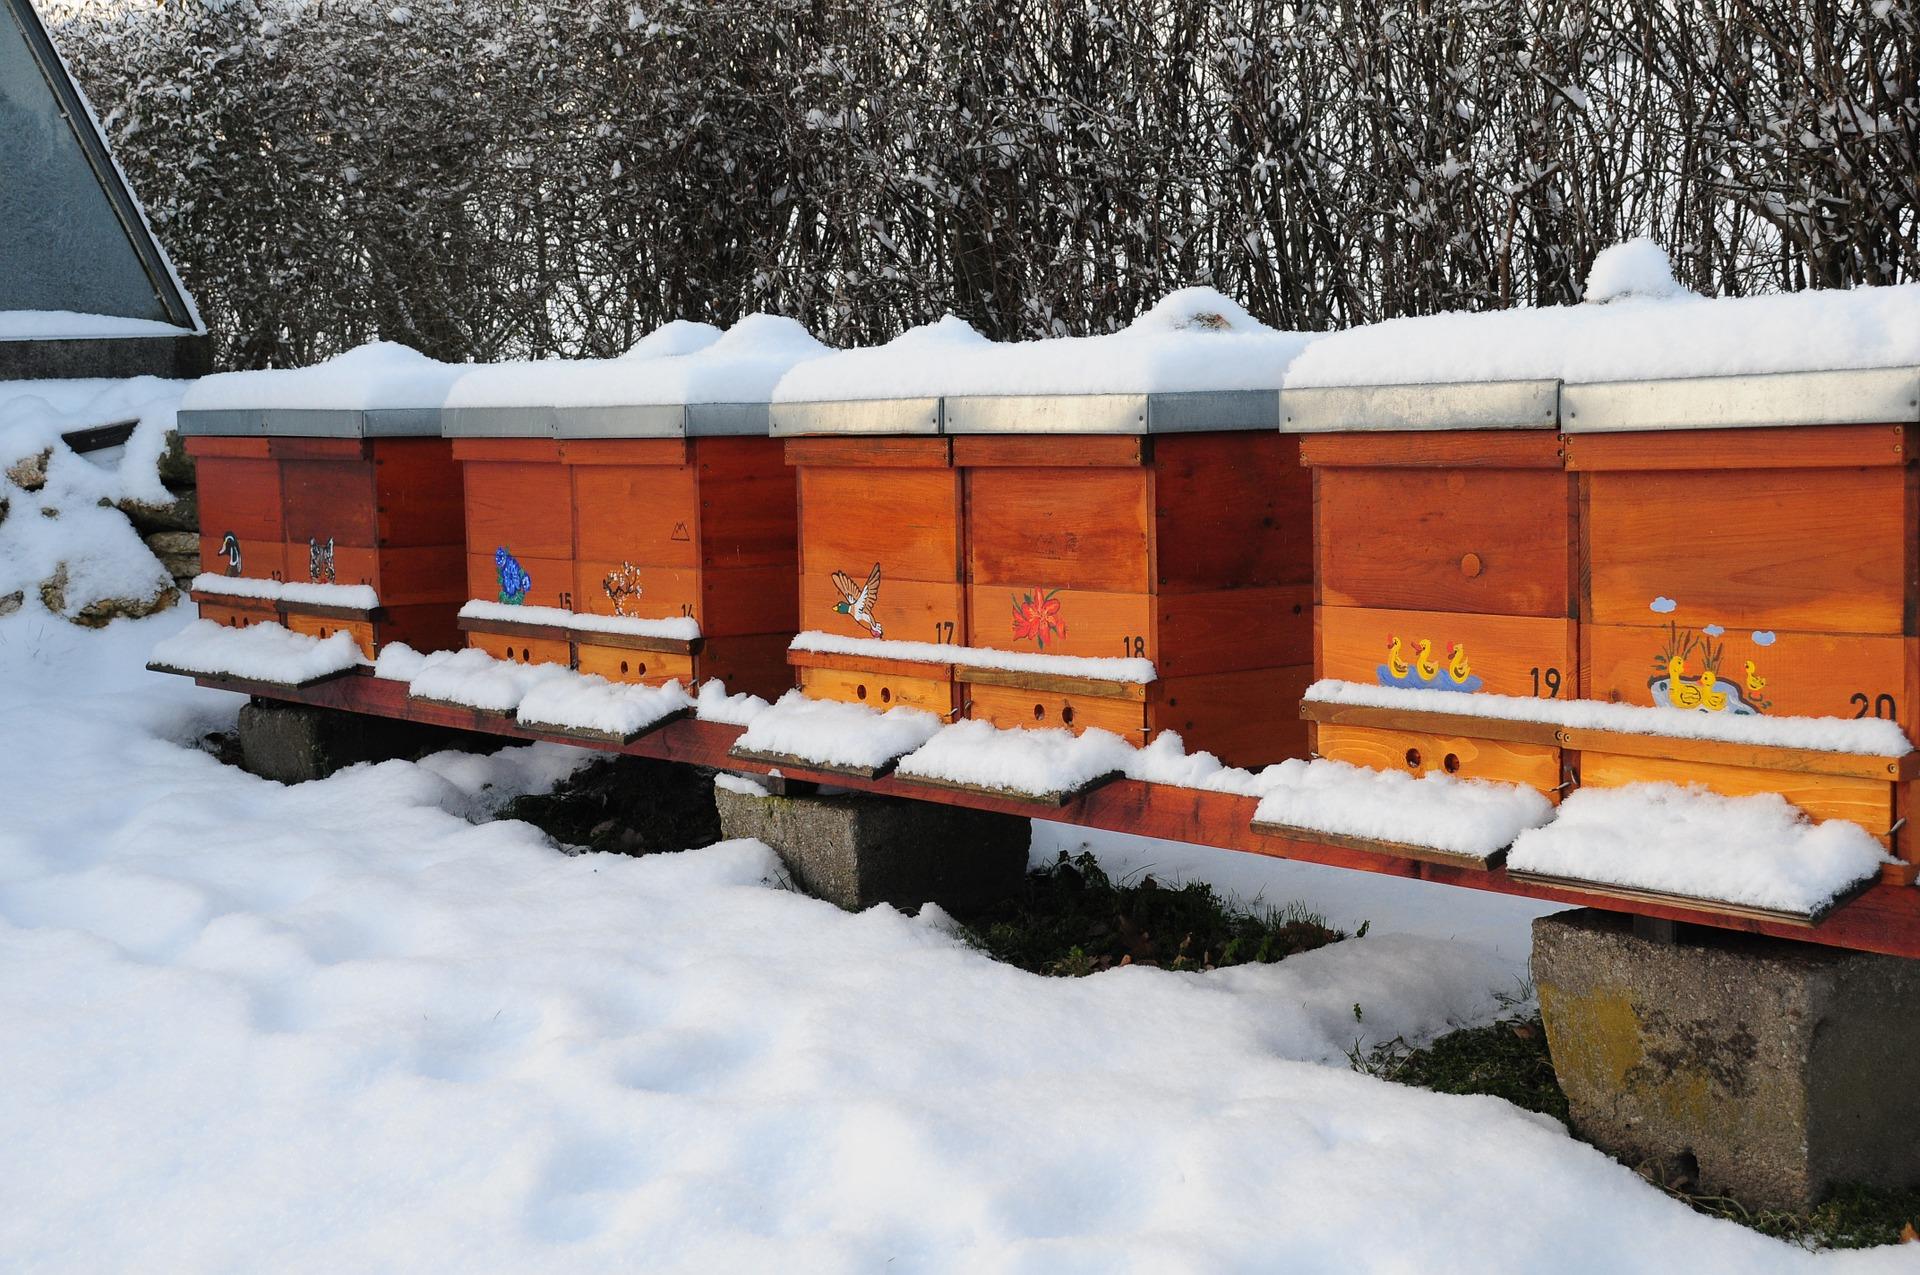 Colmenas de abejas cubiertas de nieve. La producción de miel no para en invierno.